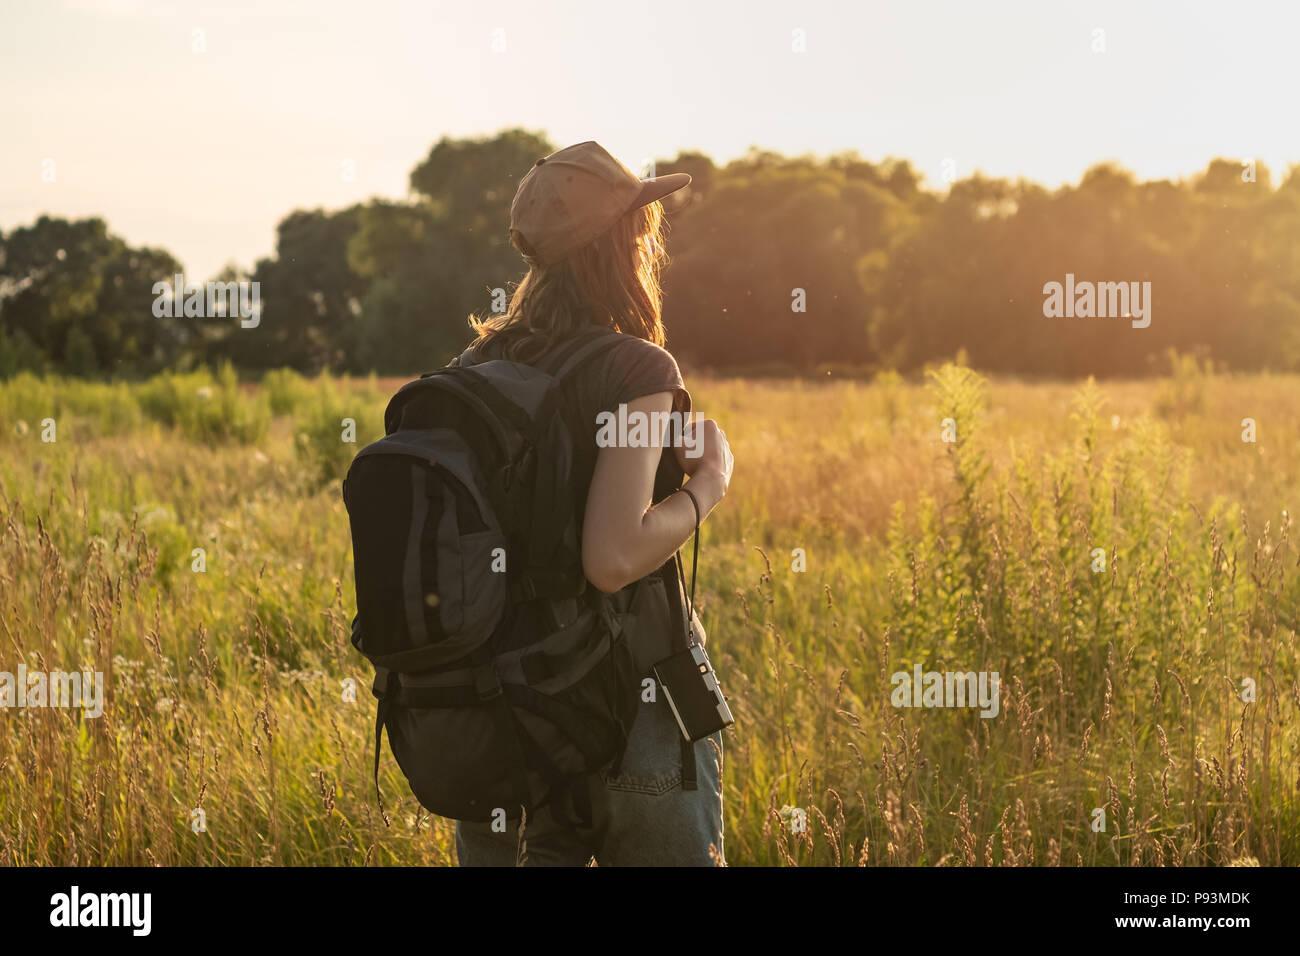 Jeune femme avec sac à dos dans la zone touristique. Personne de sexe féminin à la recherche au coucher du soleil dans l'herbe haute de la belle région rurale en été Photo Stock